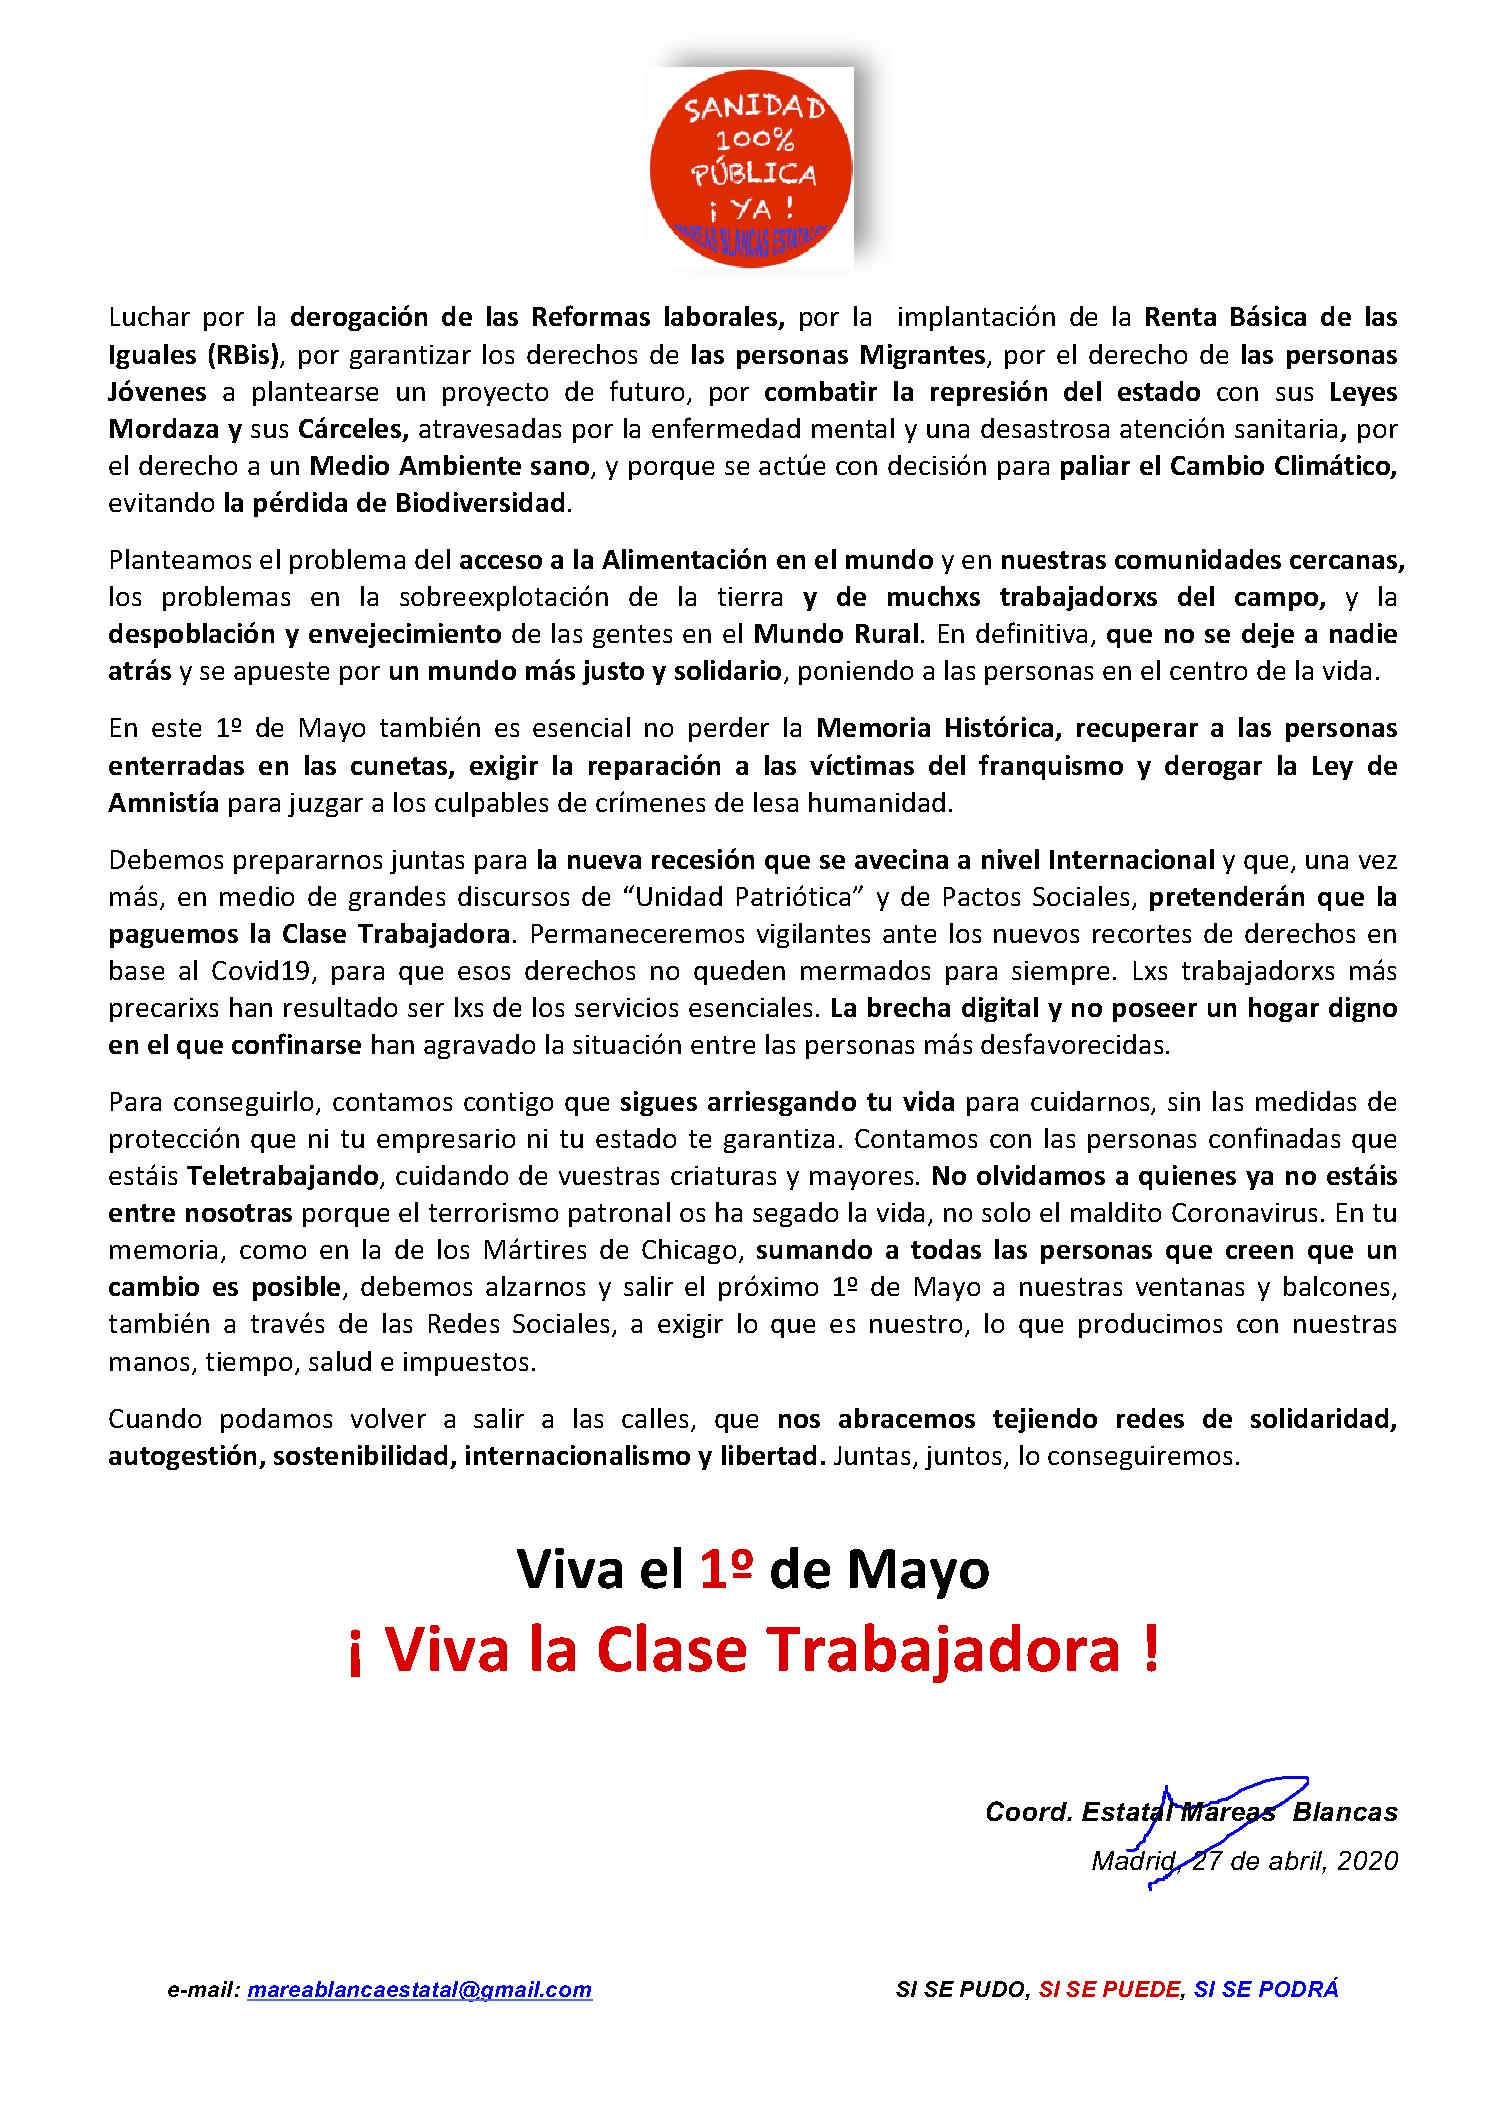 COMUNICADOp2 1 mayo 2020 contra desguldades sociales .doc